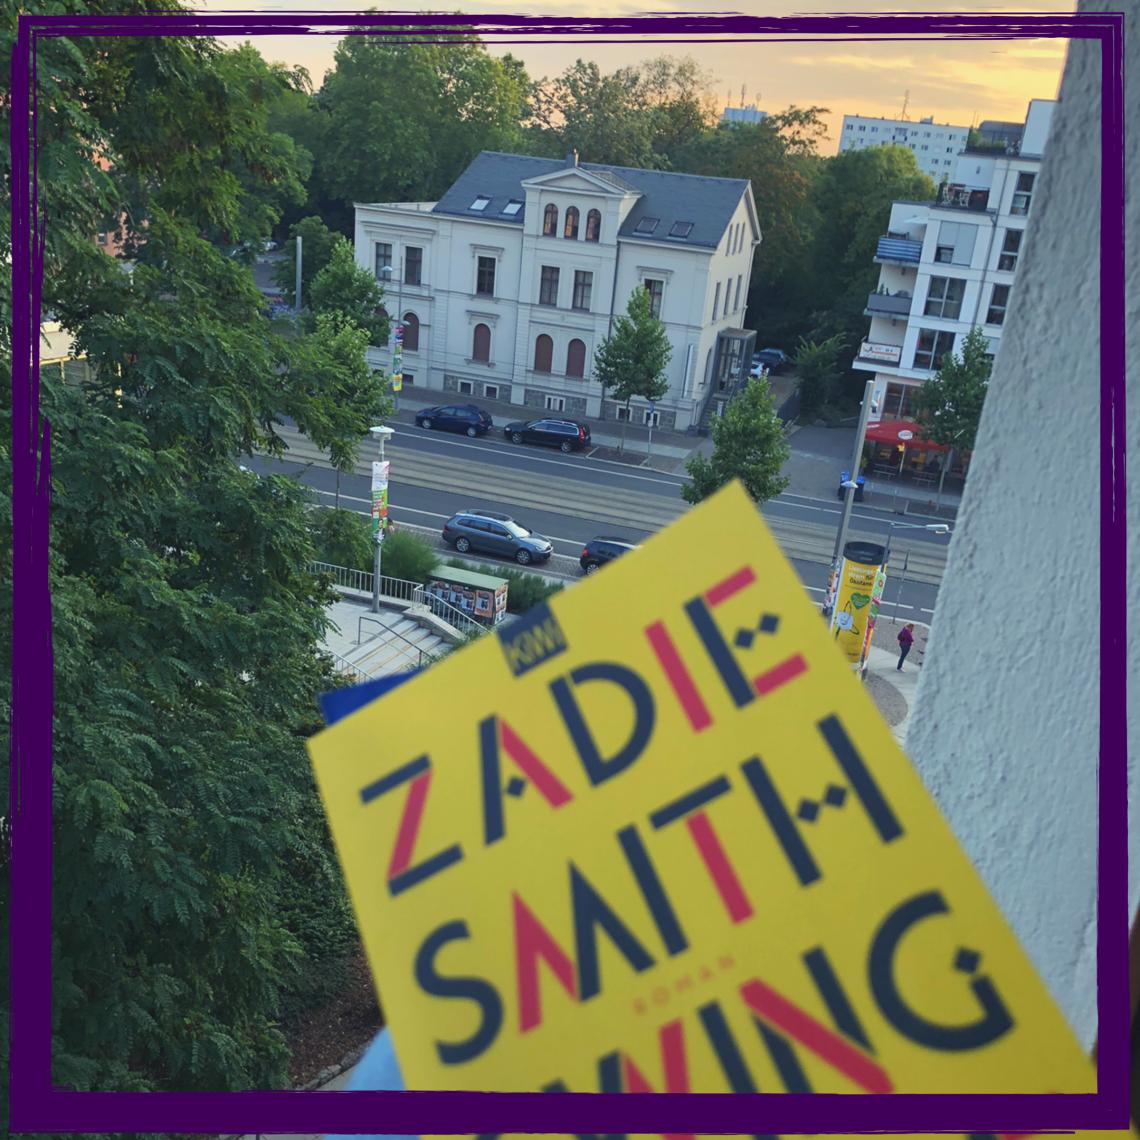 """Zadie Smiths """"Swing Time"""" ist genau die richtige Lektüre für laue Sommerabende auf dem Balkon. Dieses Buch kann man einfach nicht aus der Hand legen und die Geschichte hallt noch lange nach. #Buchtipp #lesen #Literatur"""